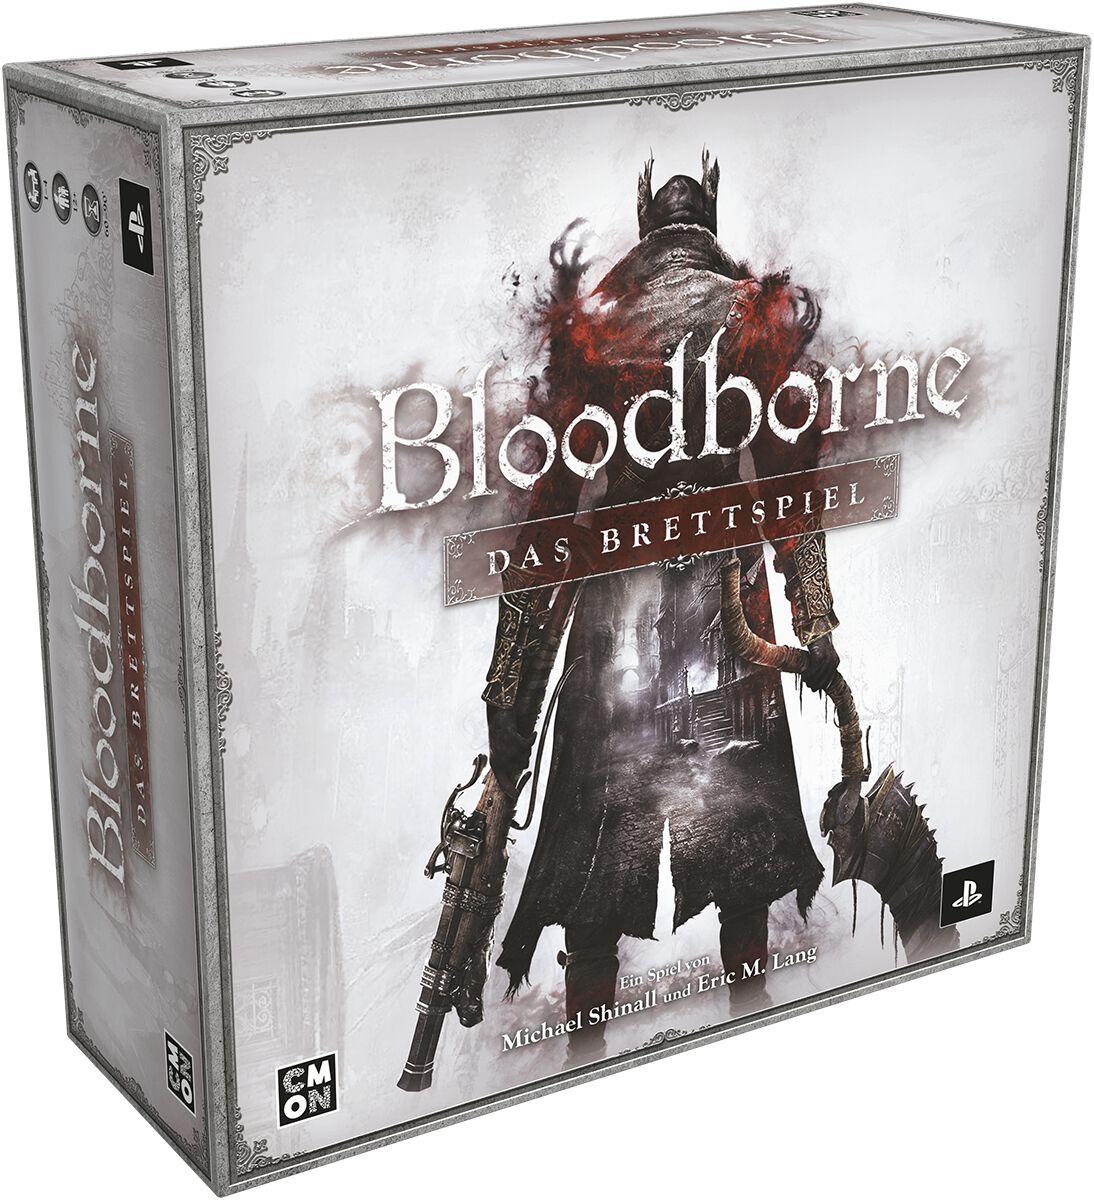 Bloodborne Das Brettspiel Brettspiel multicolor CMND0121